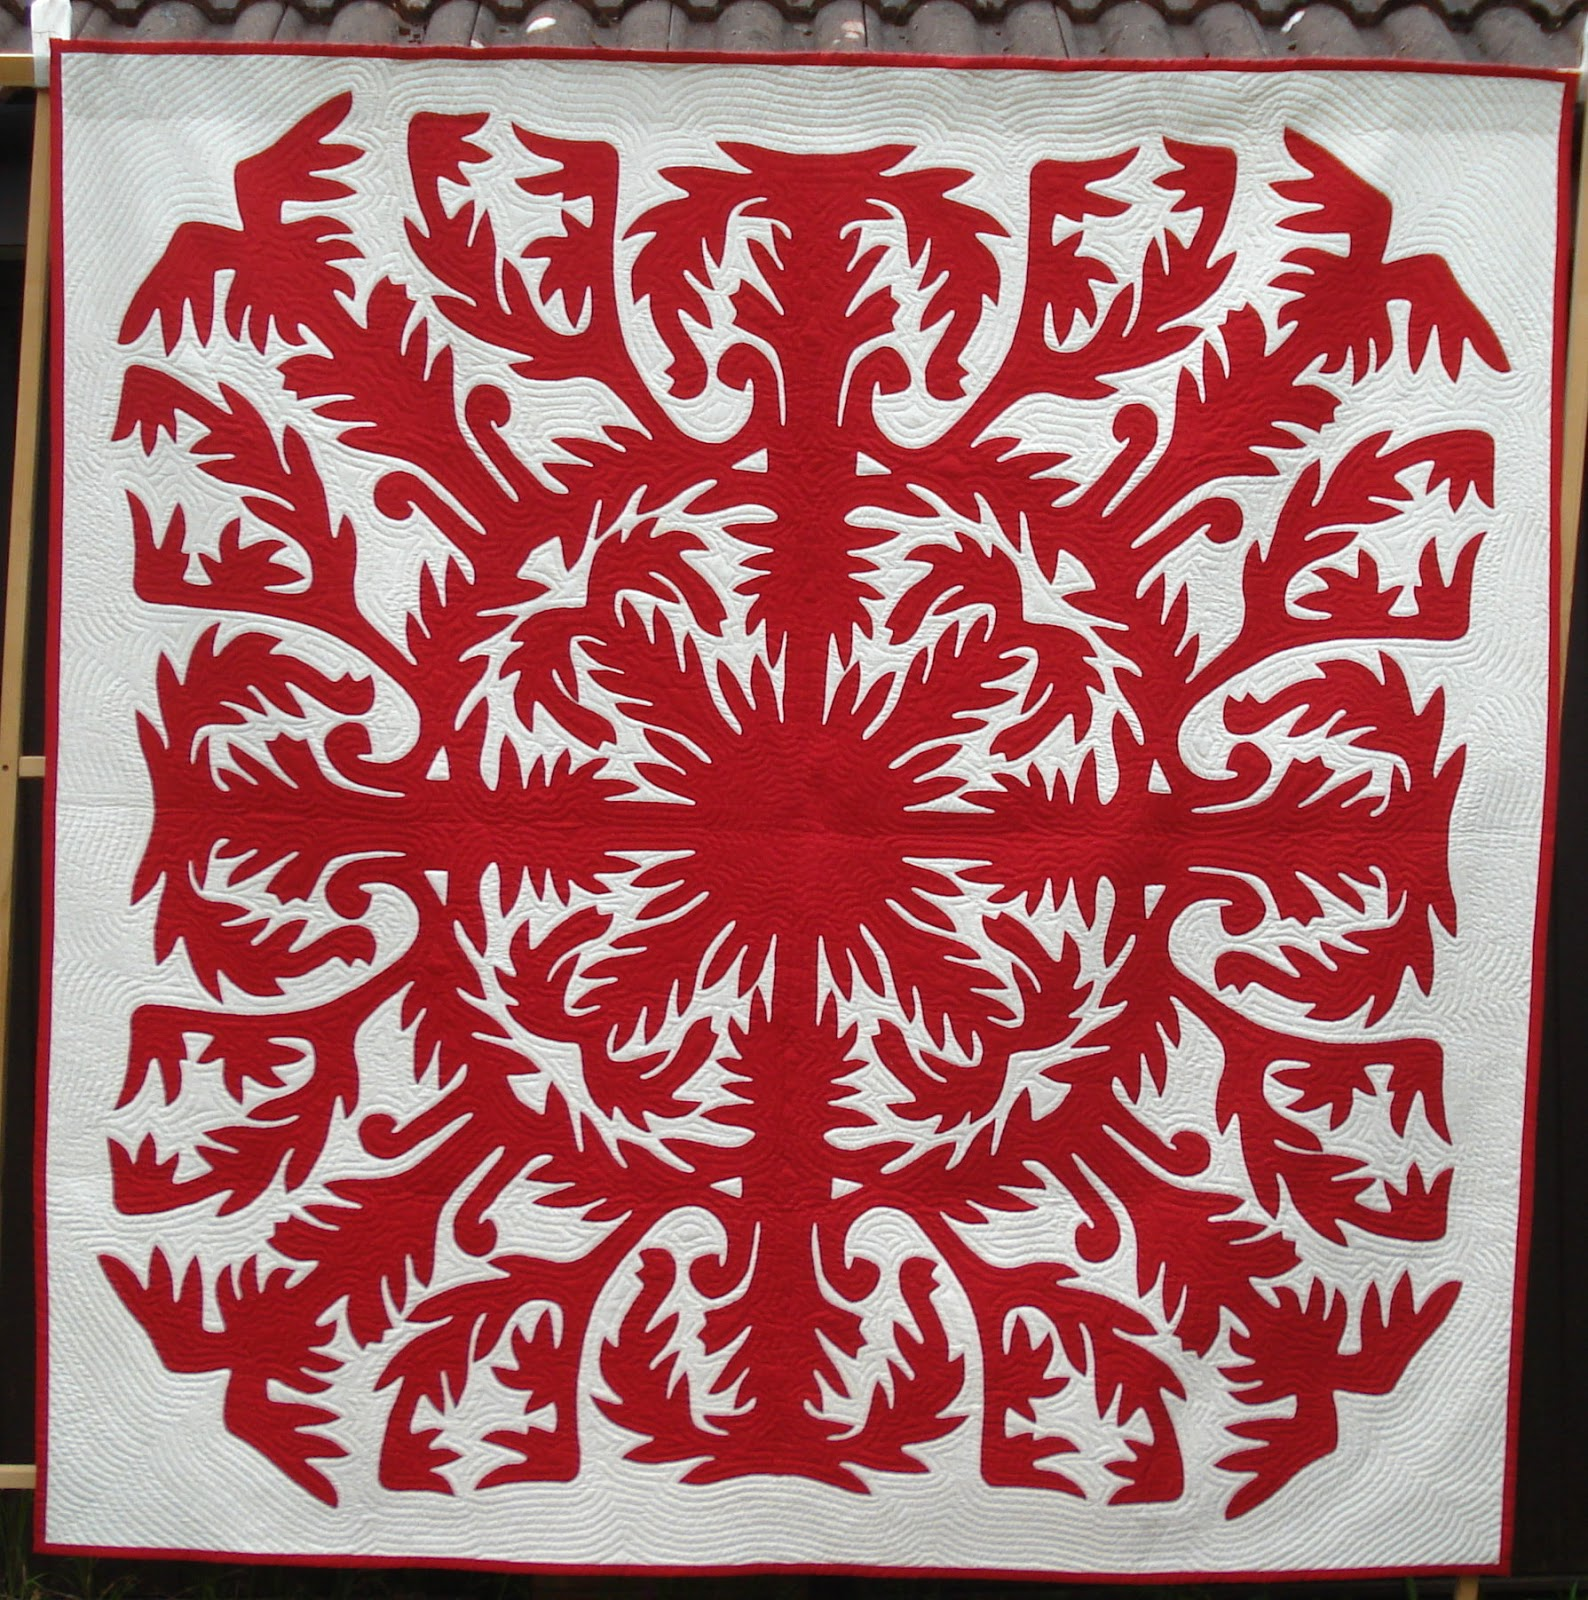 Welsh Quilts Pippa Moss Hawaiian Quilts